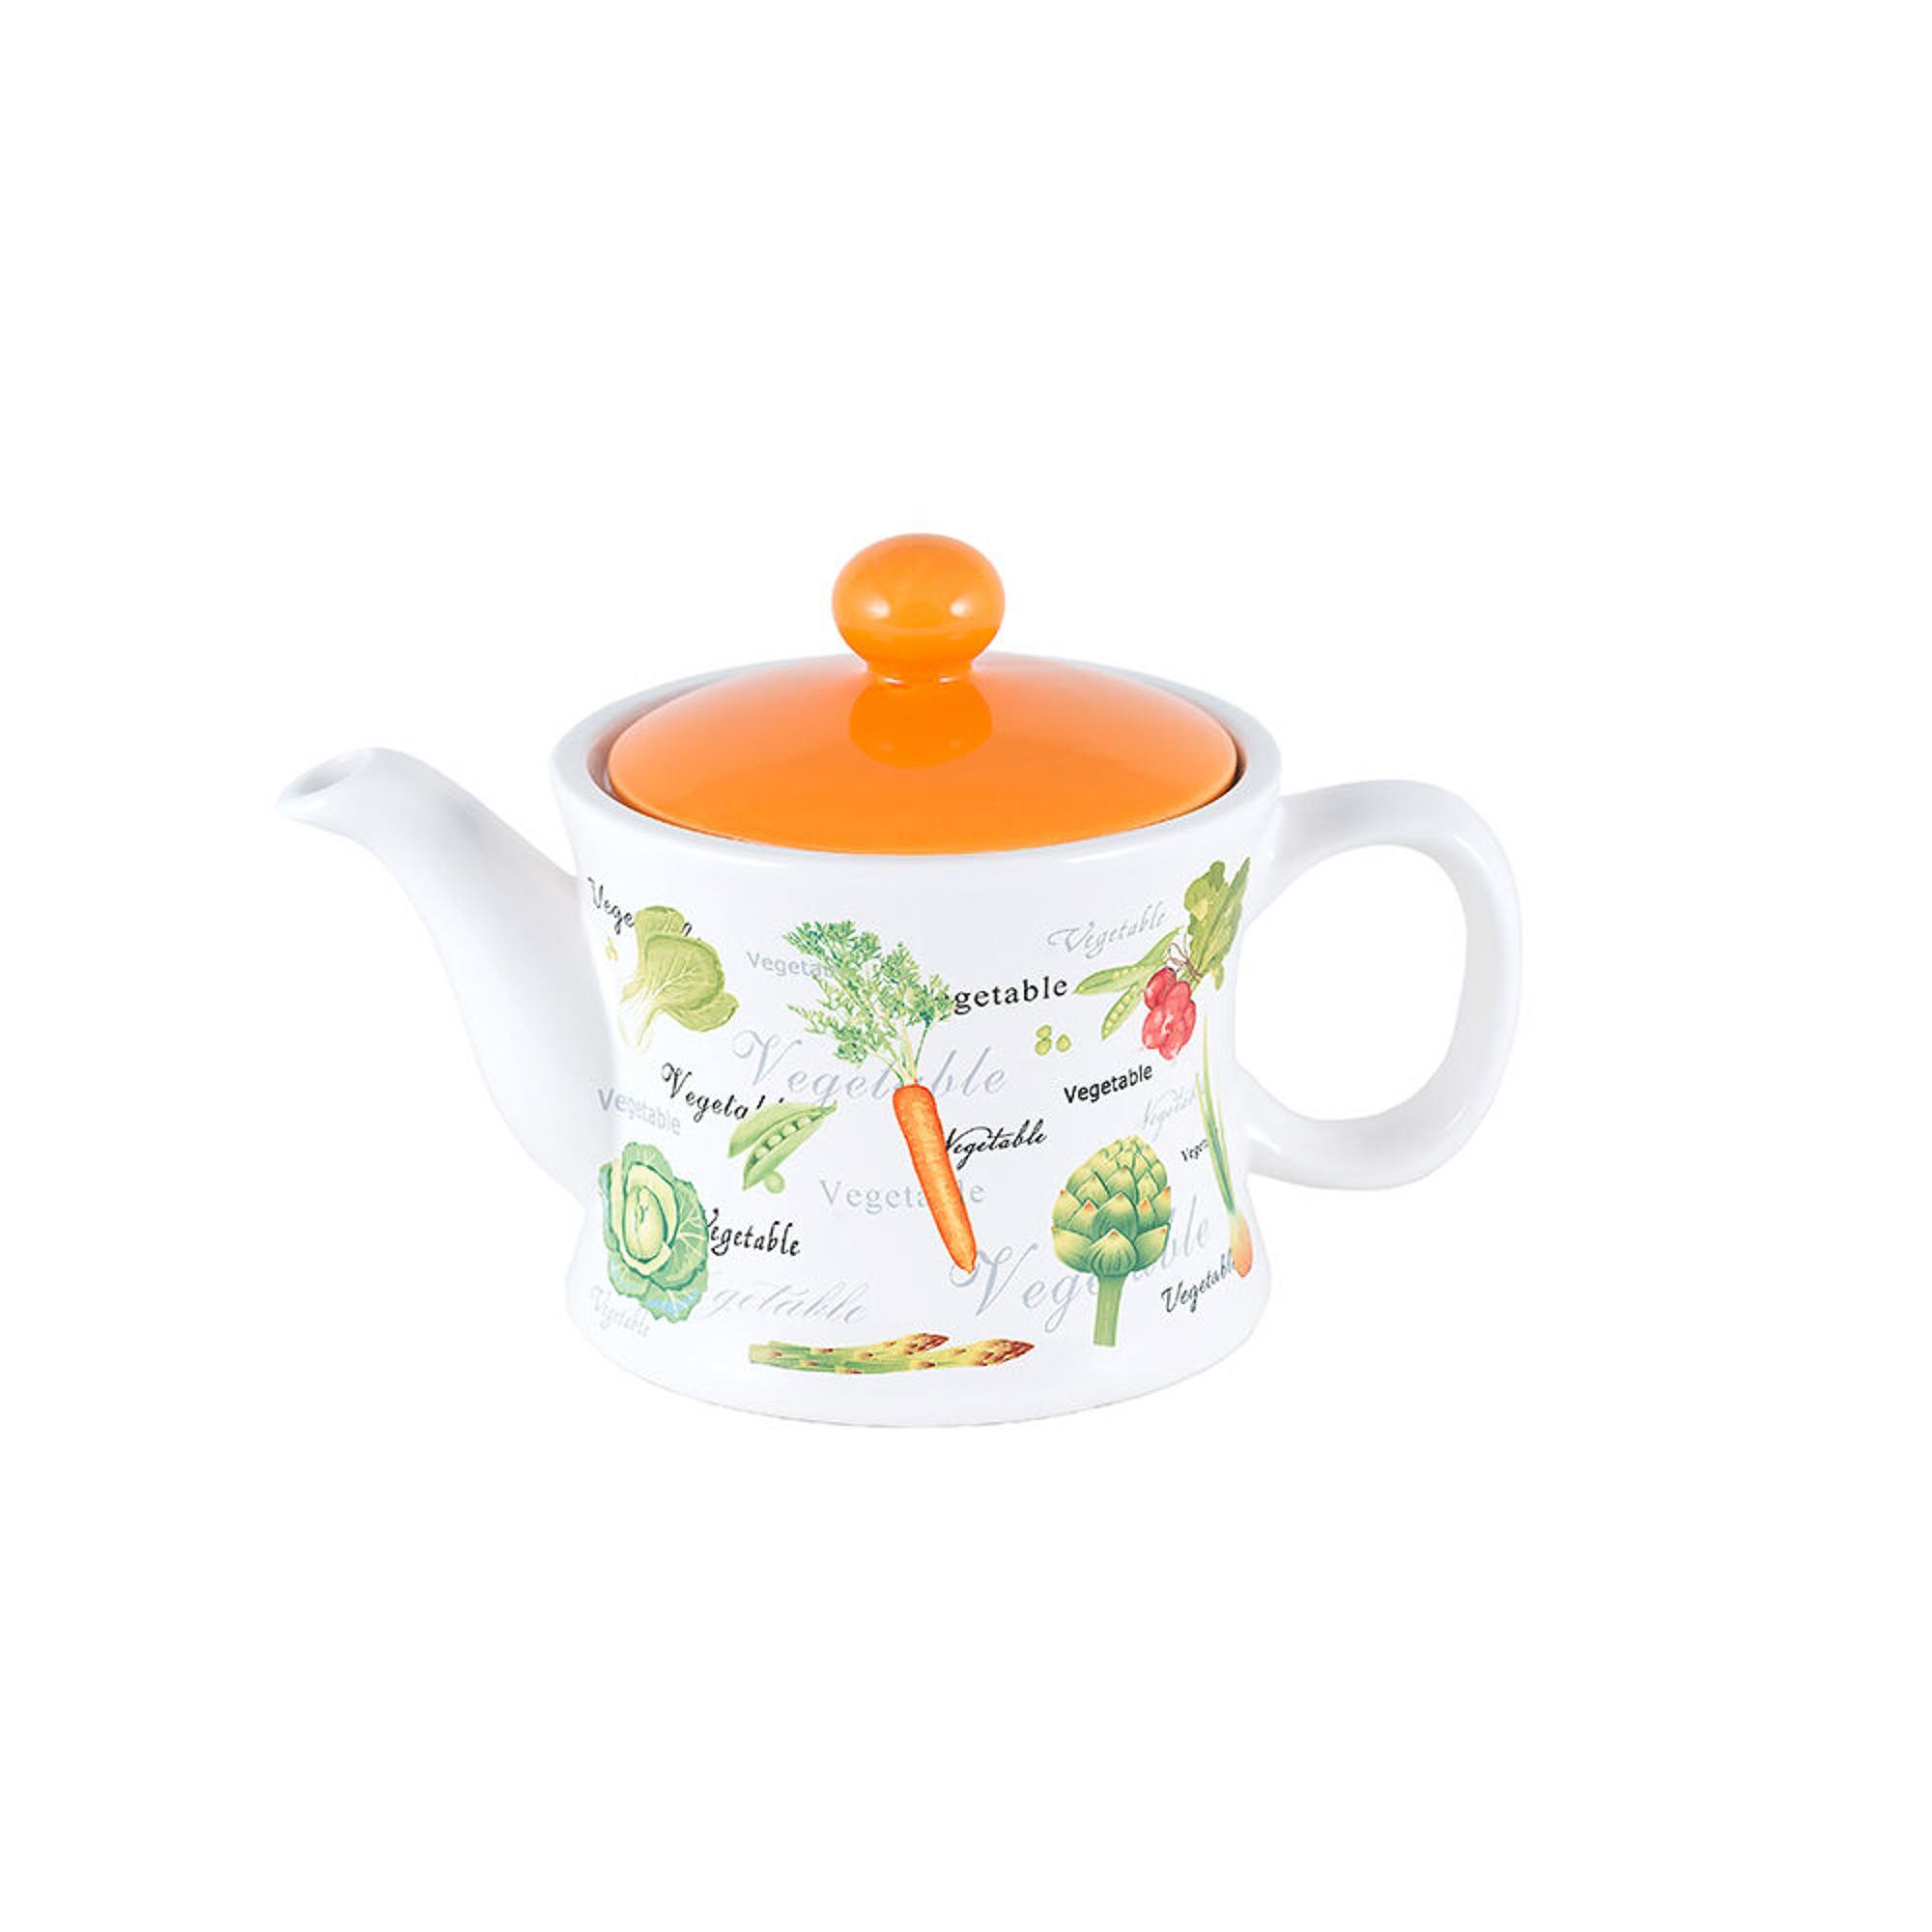 Купить со скидкой Чайник с сеткой-фильтром Gipfel vegetal 750мл